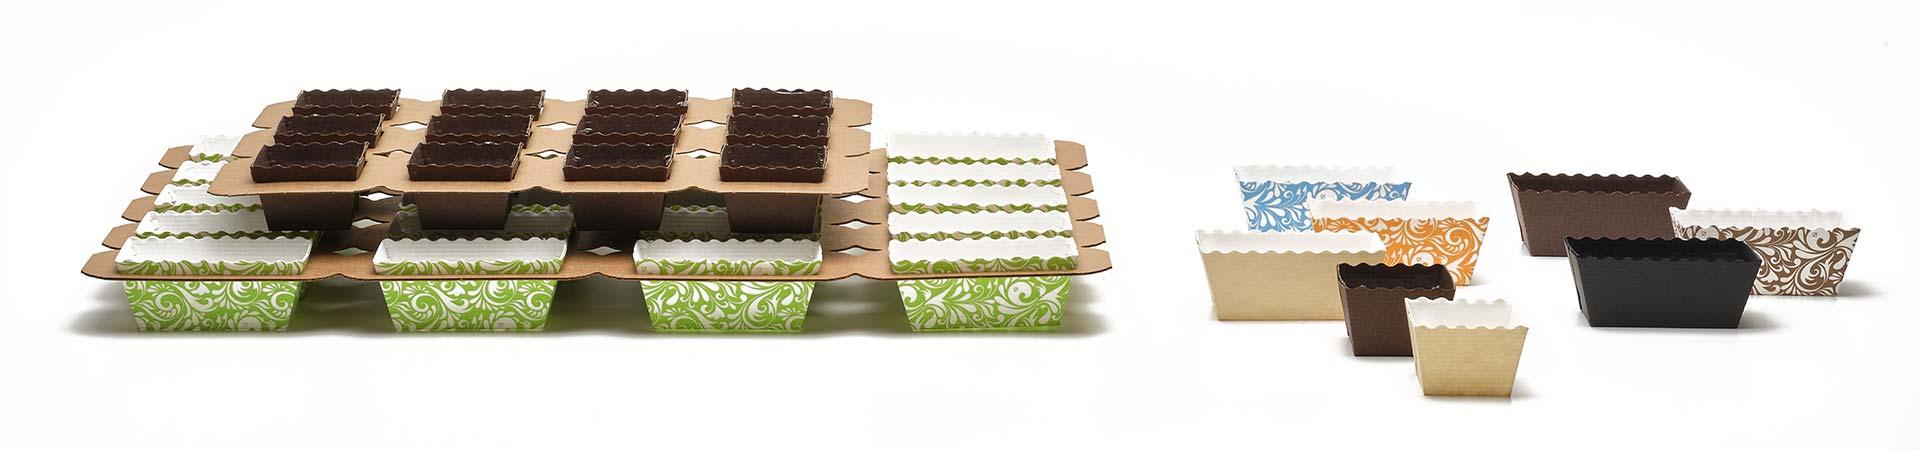 Novacart Easy Bake paper molds